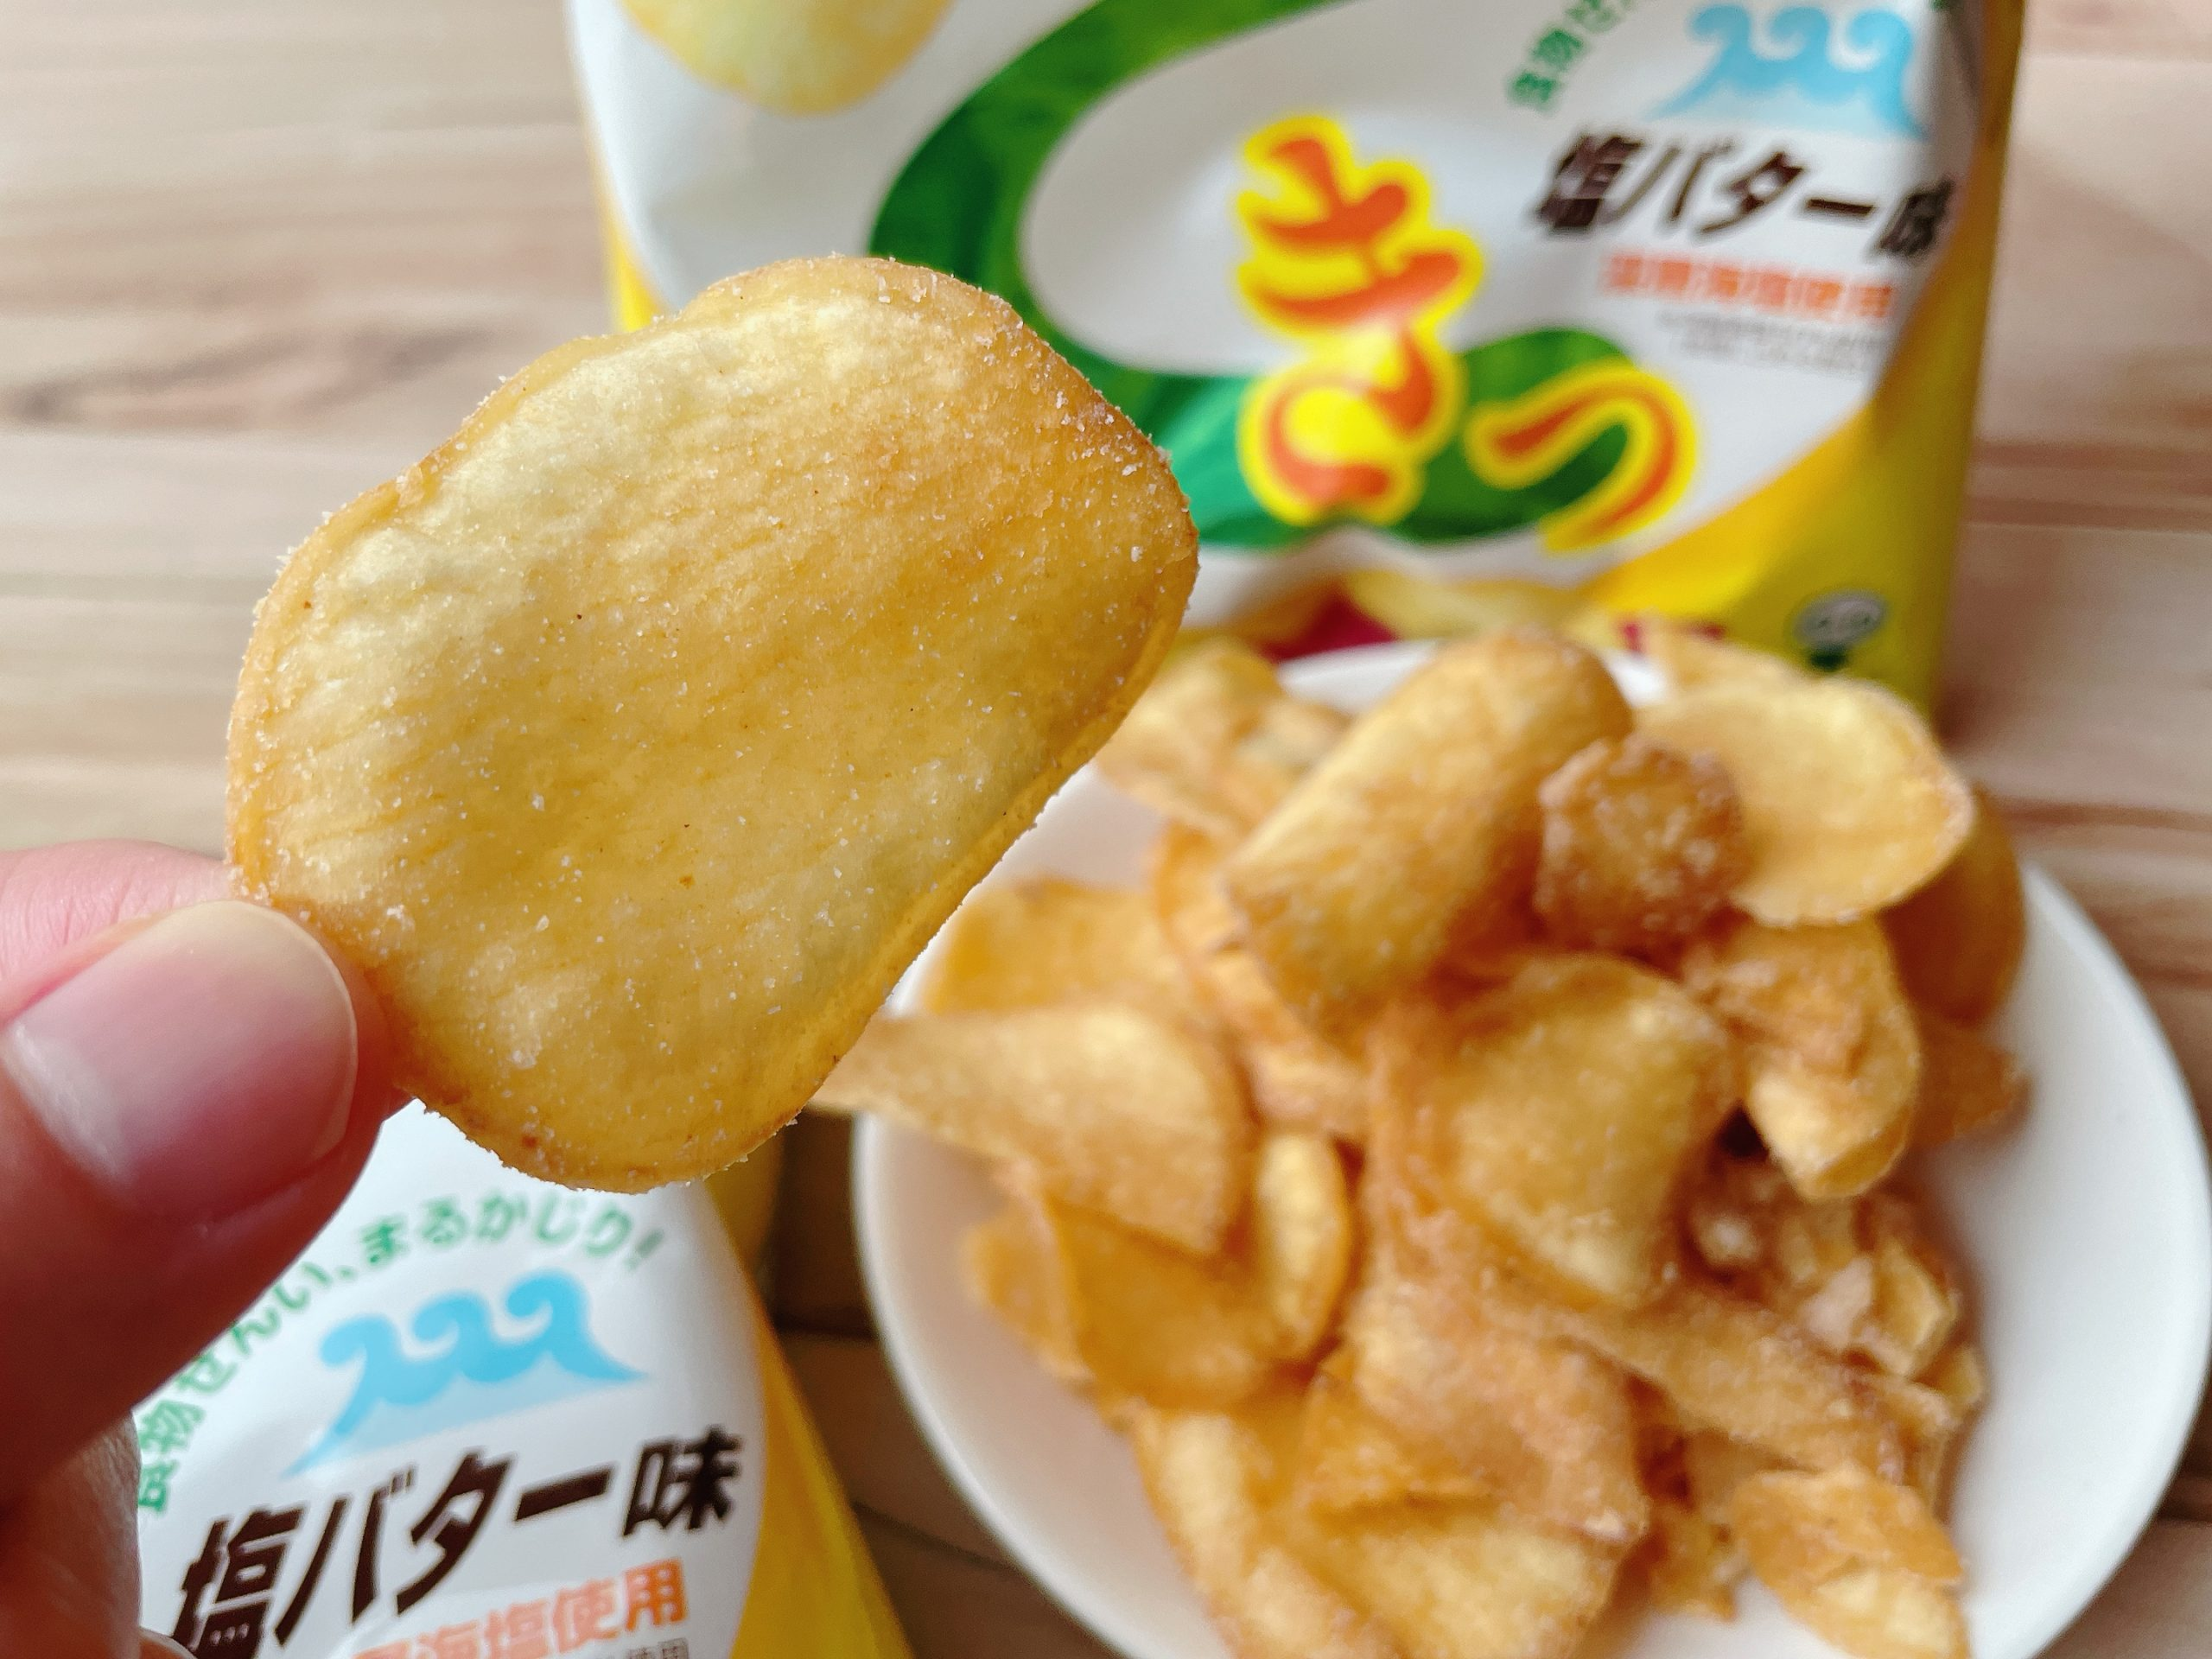 おさつどきっ塩バター味は、リガリとした食感に、さつまいもの甘さをしっかり味わえる